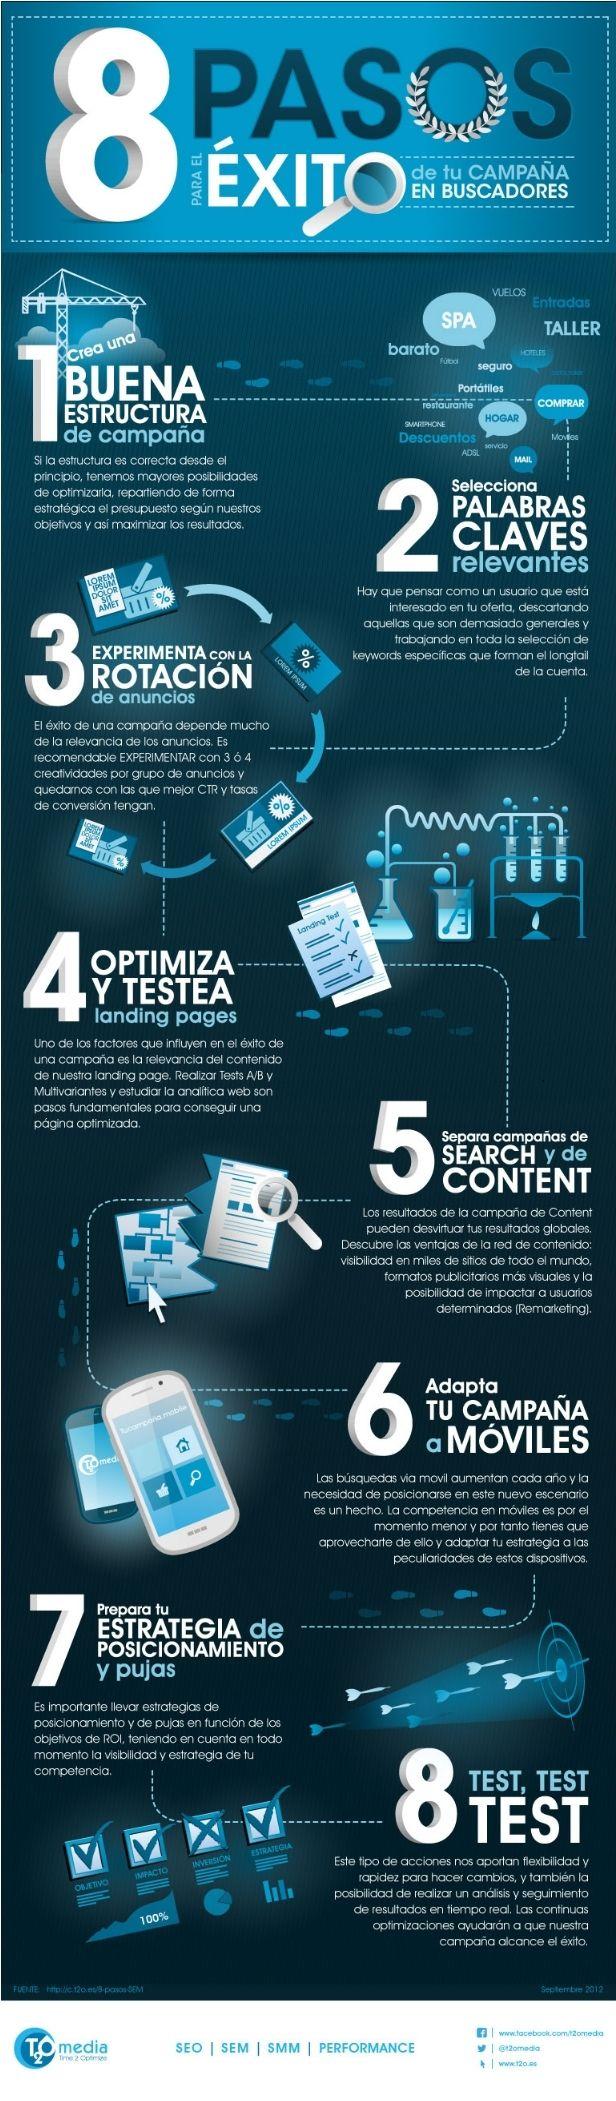 Advertising-Infographics-Infografía-8-pasos-de-campaña-sem-de-éxito Advertising Infographics : Infografía: 8 pasos de campaña sem de éxito